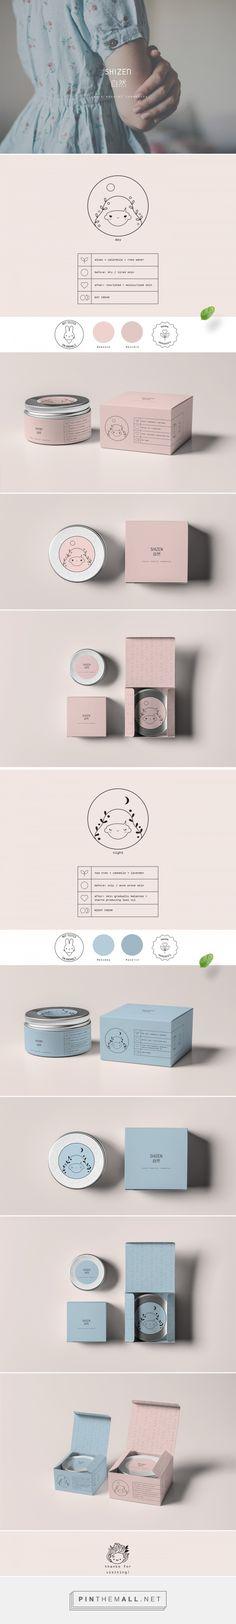 Shizen lujo empaquetado cosmético de Paulina Helena Undziakiewicz | Agencia de Branding Fivestar - Diseño y la Agencia de Branding & Inspiration Gallery Curada